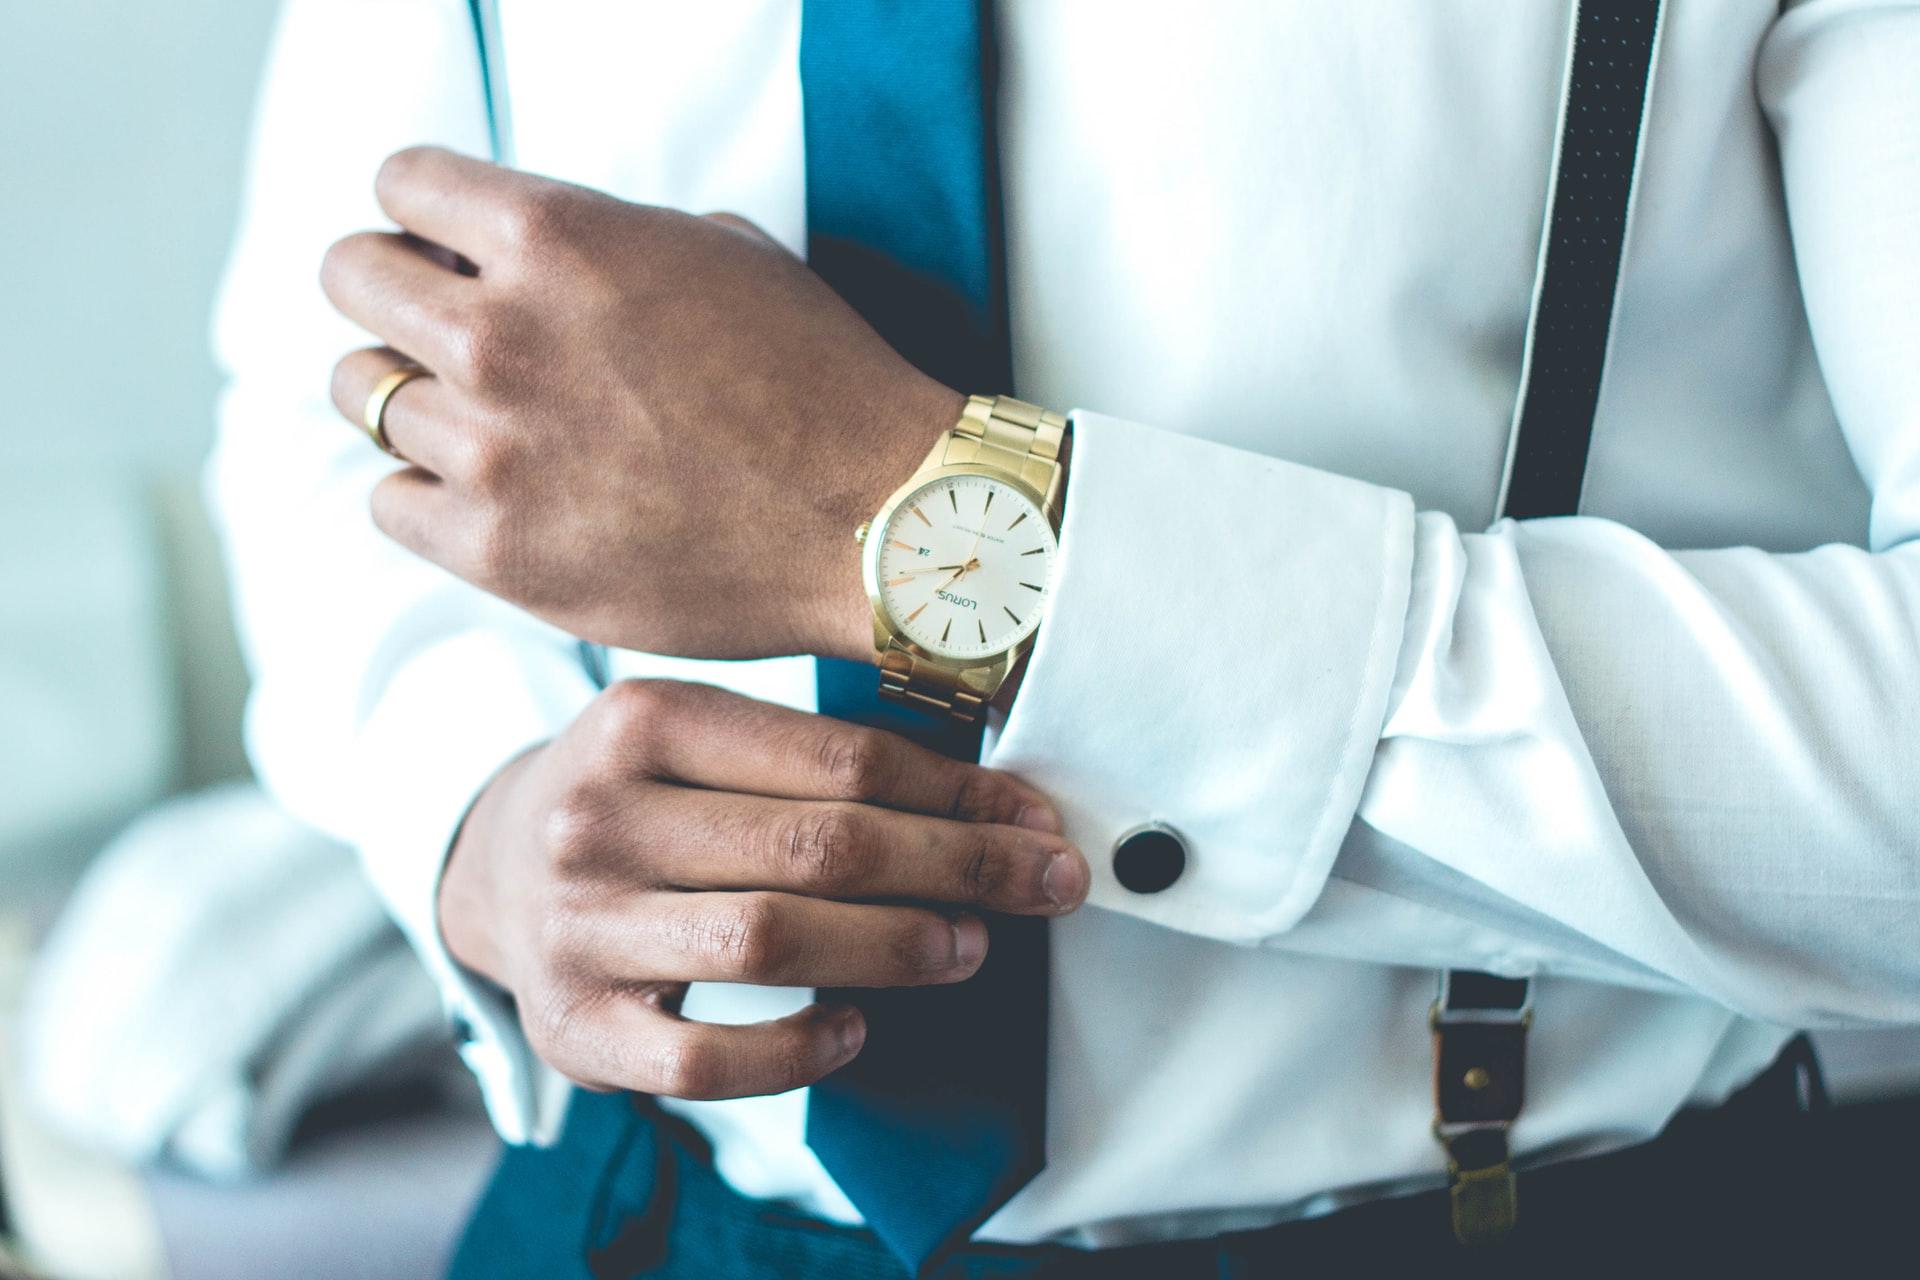 就活生におすすめの時計16選!男性・女性別で紹介!【2020最新版】